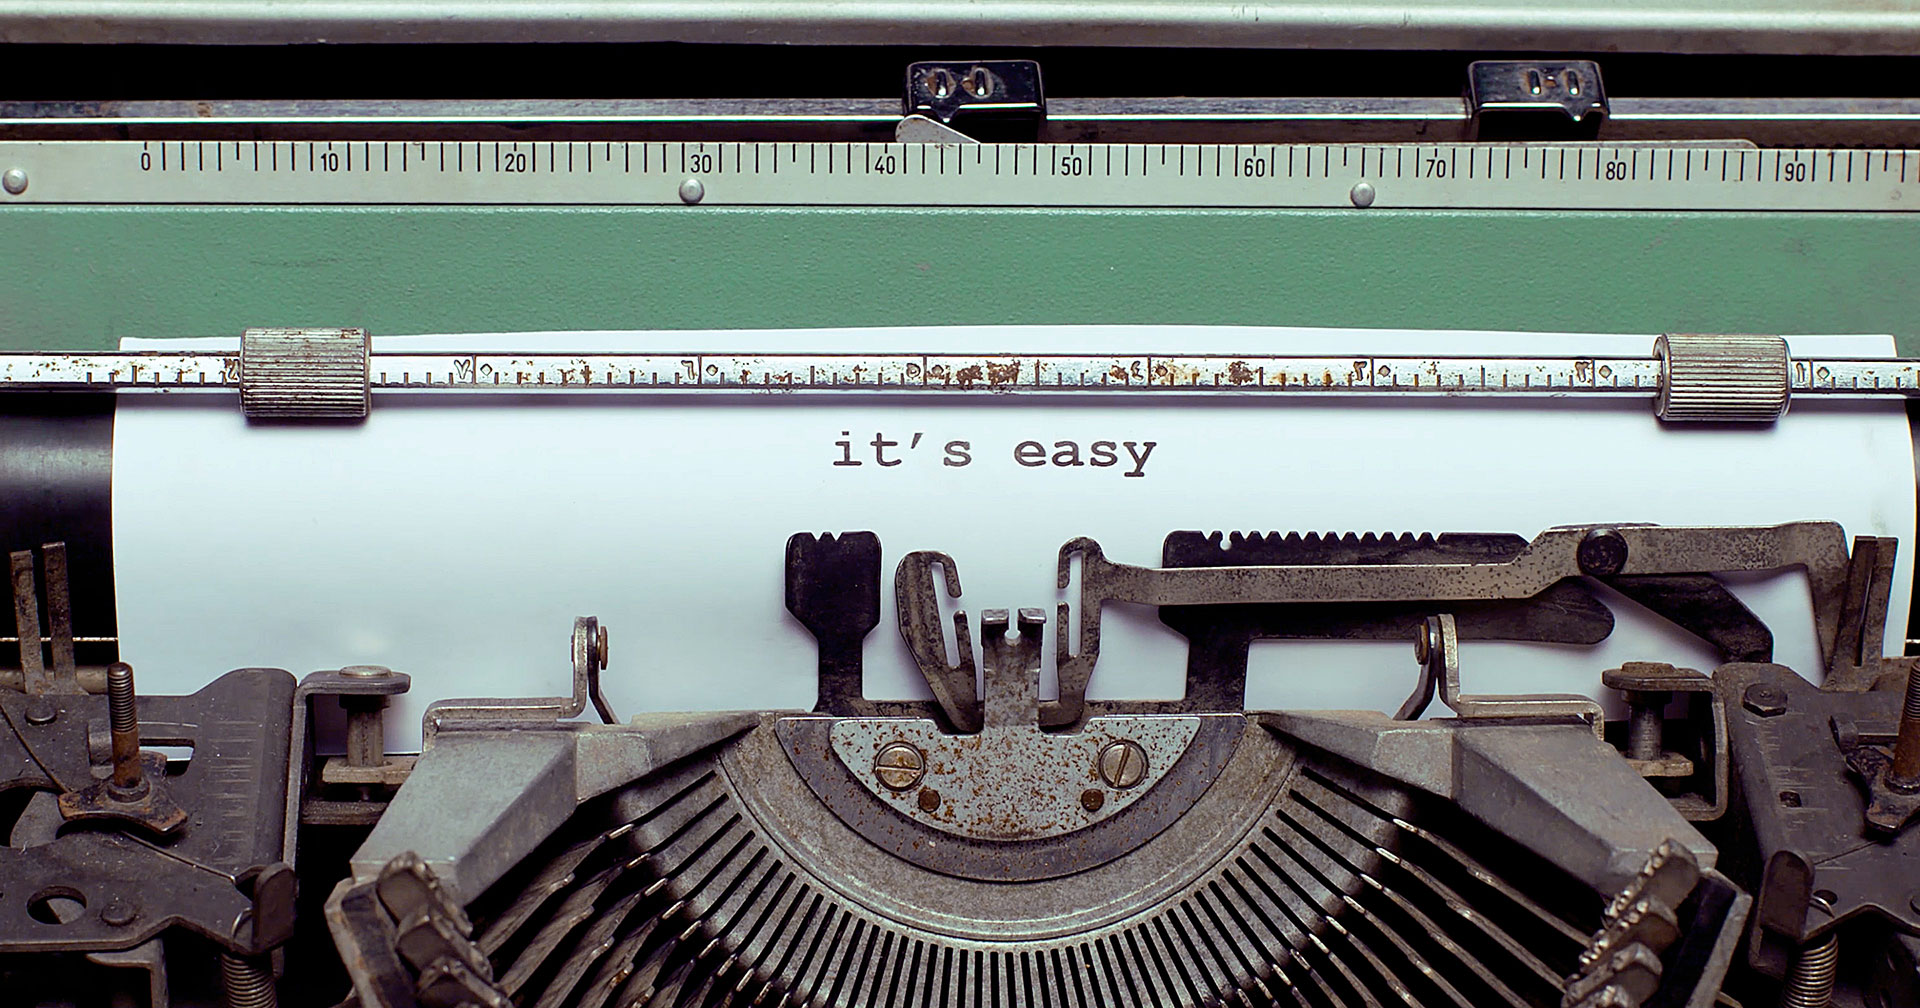 Easy_w.jpg